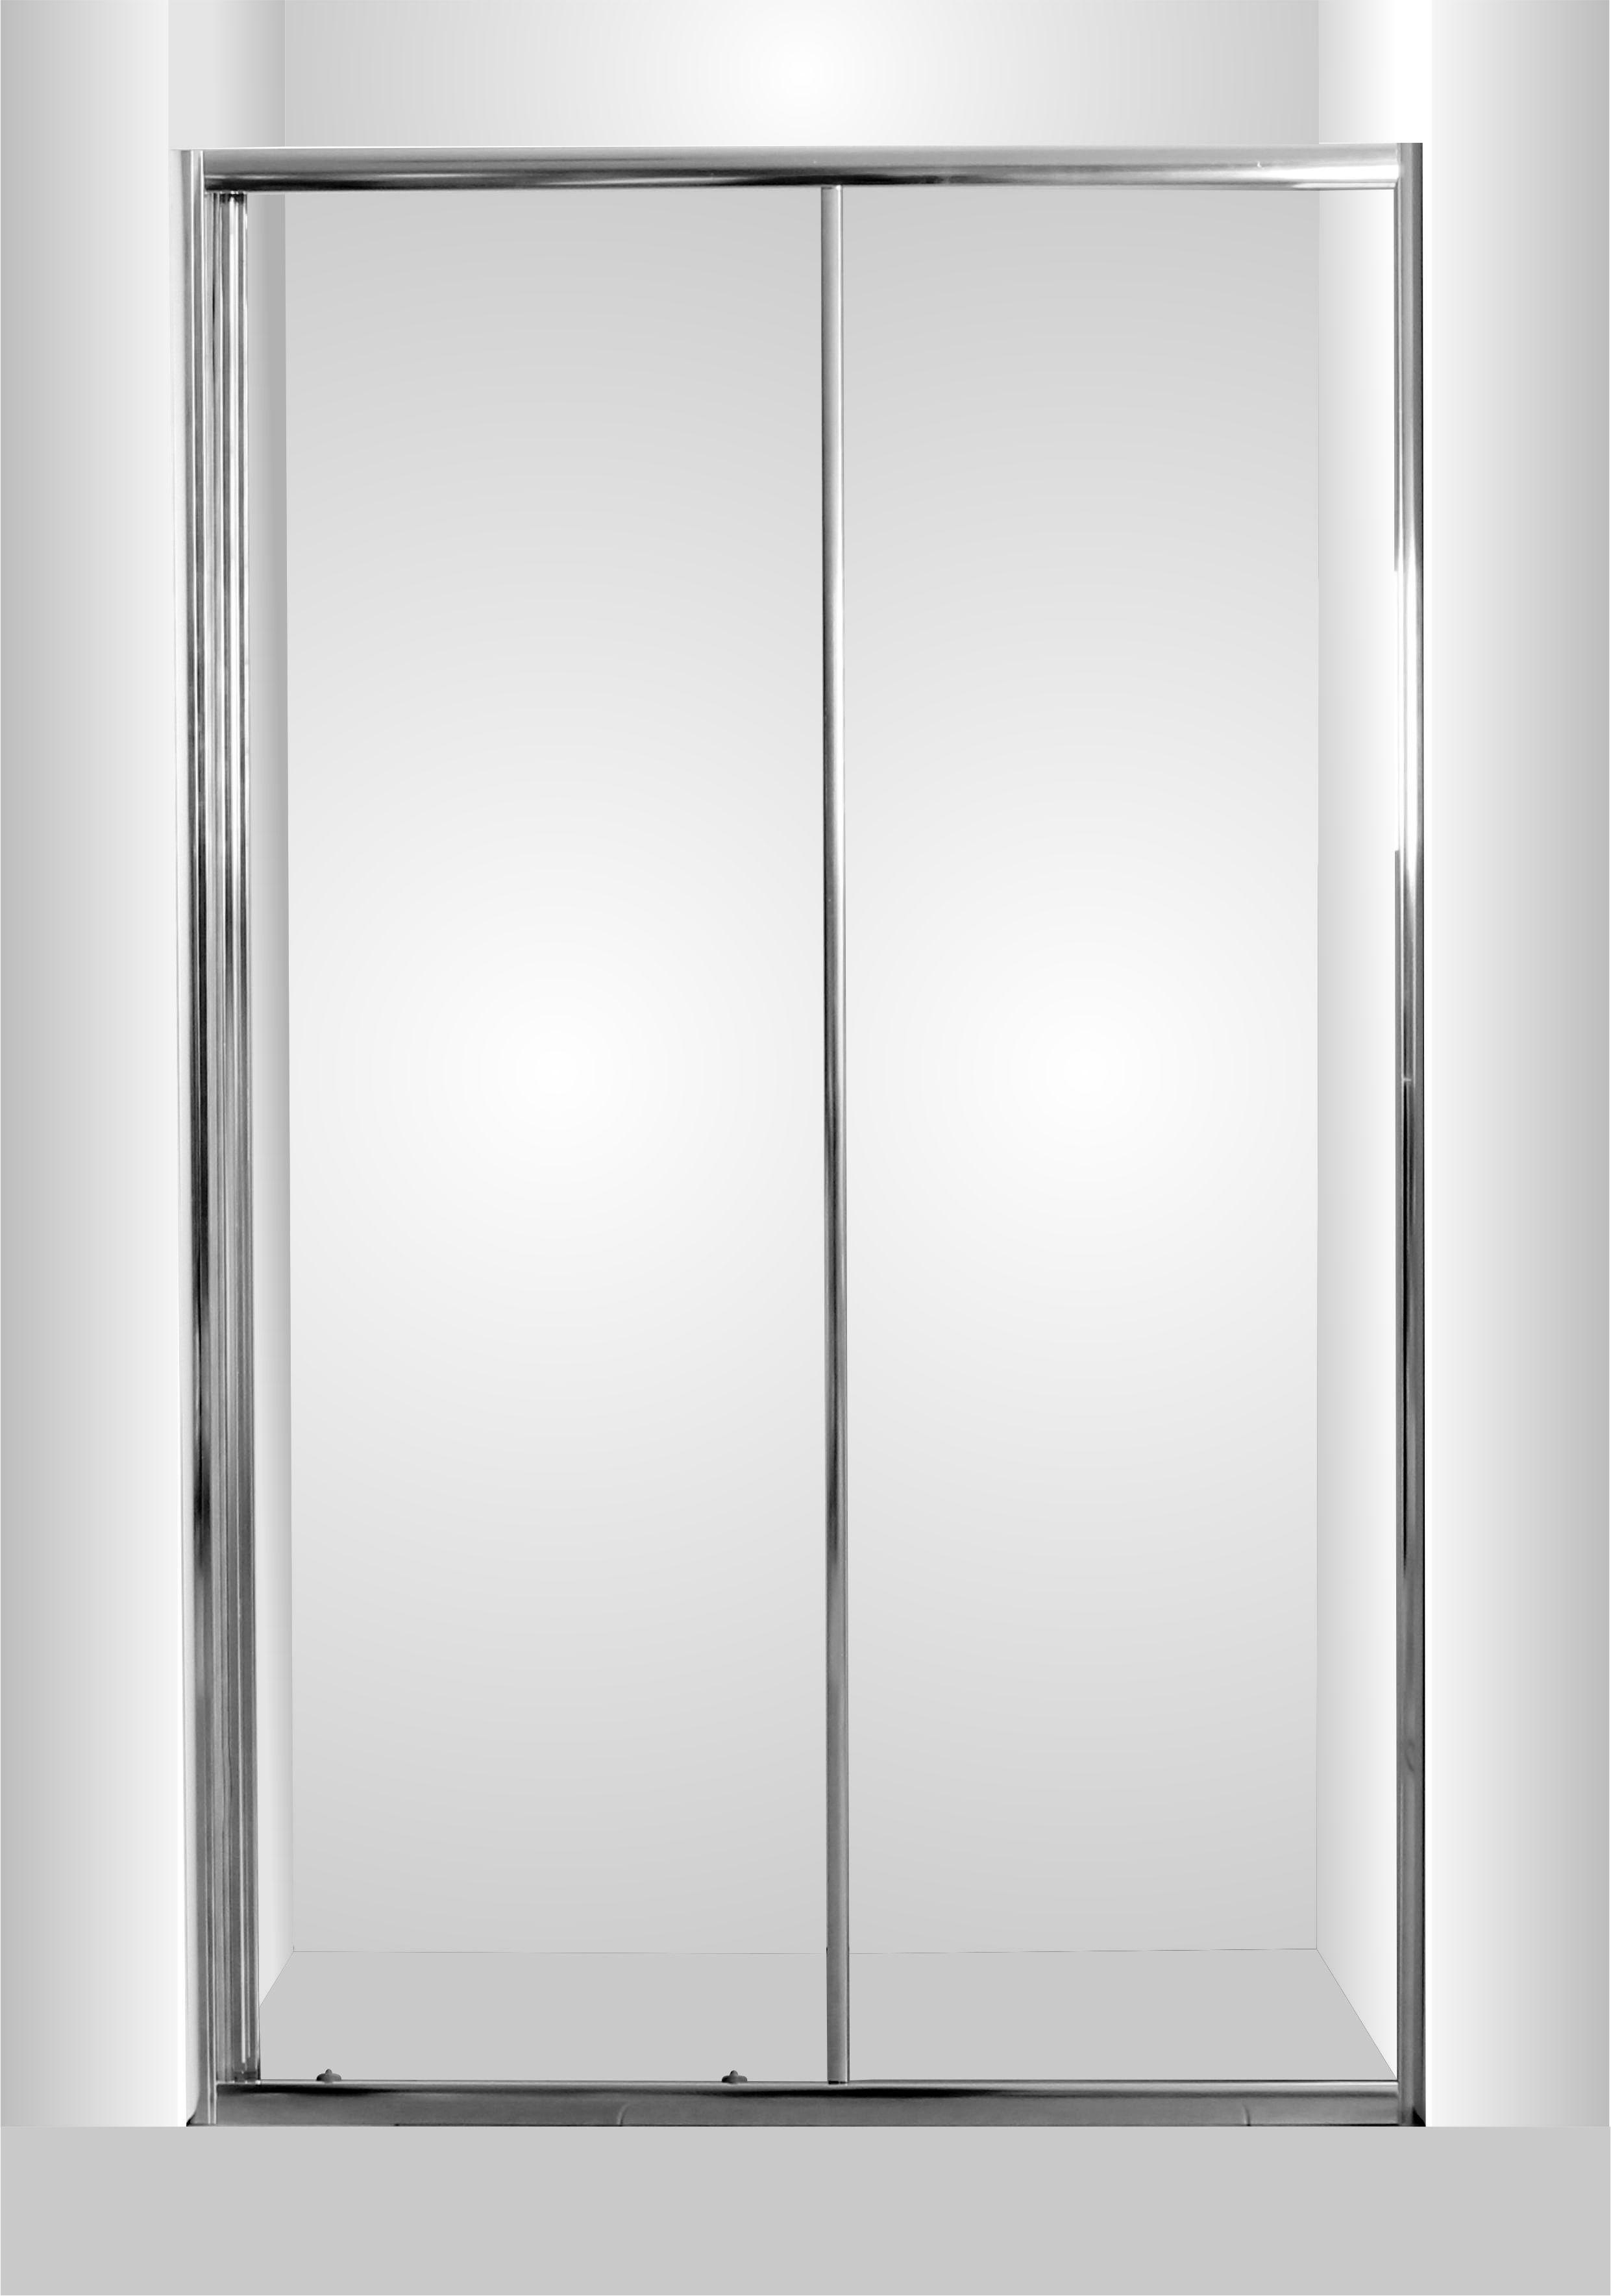 HOPA - Sprchové dveře do niky SMART - SELVA - Barva rámu zástěny - Hliník chrom, Rozměr A - 100 cm, Směr zavírání - Univerzální Levé / Pravé, Výplň - Grape bezpečnostní sklo - 4 / 6 mm (OLBSEL10CGBV)